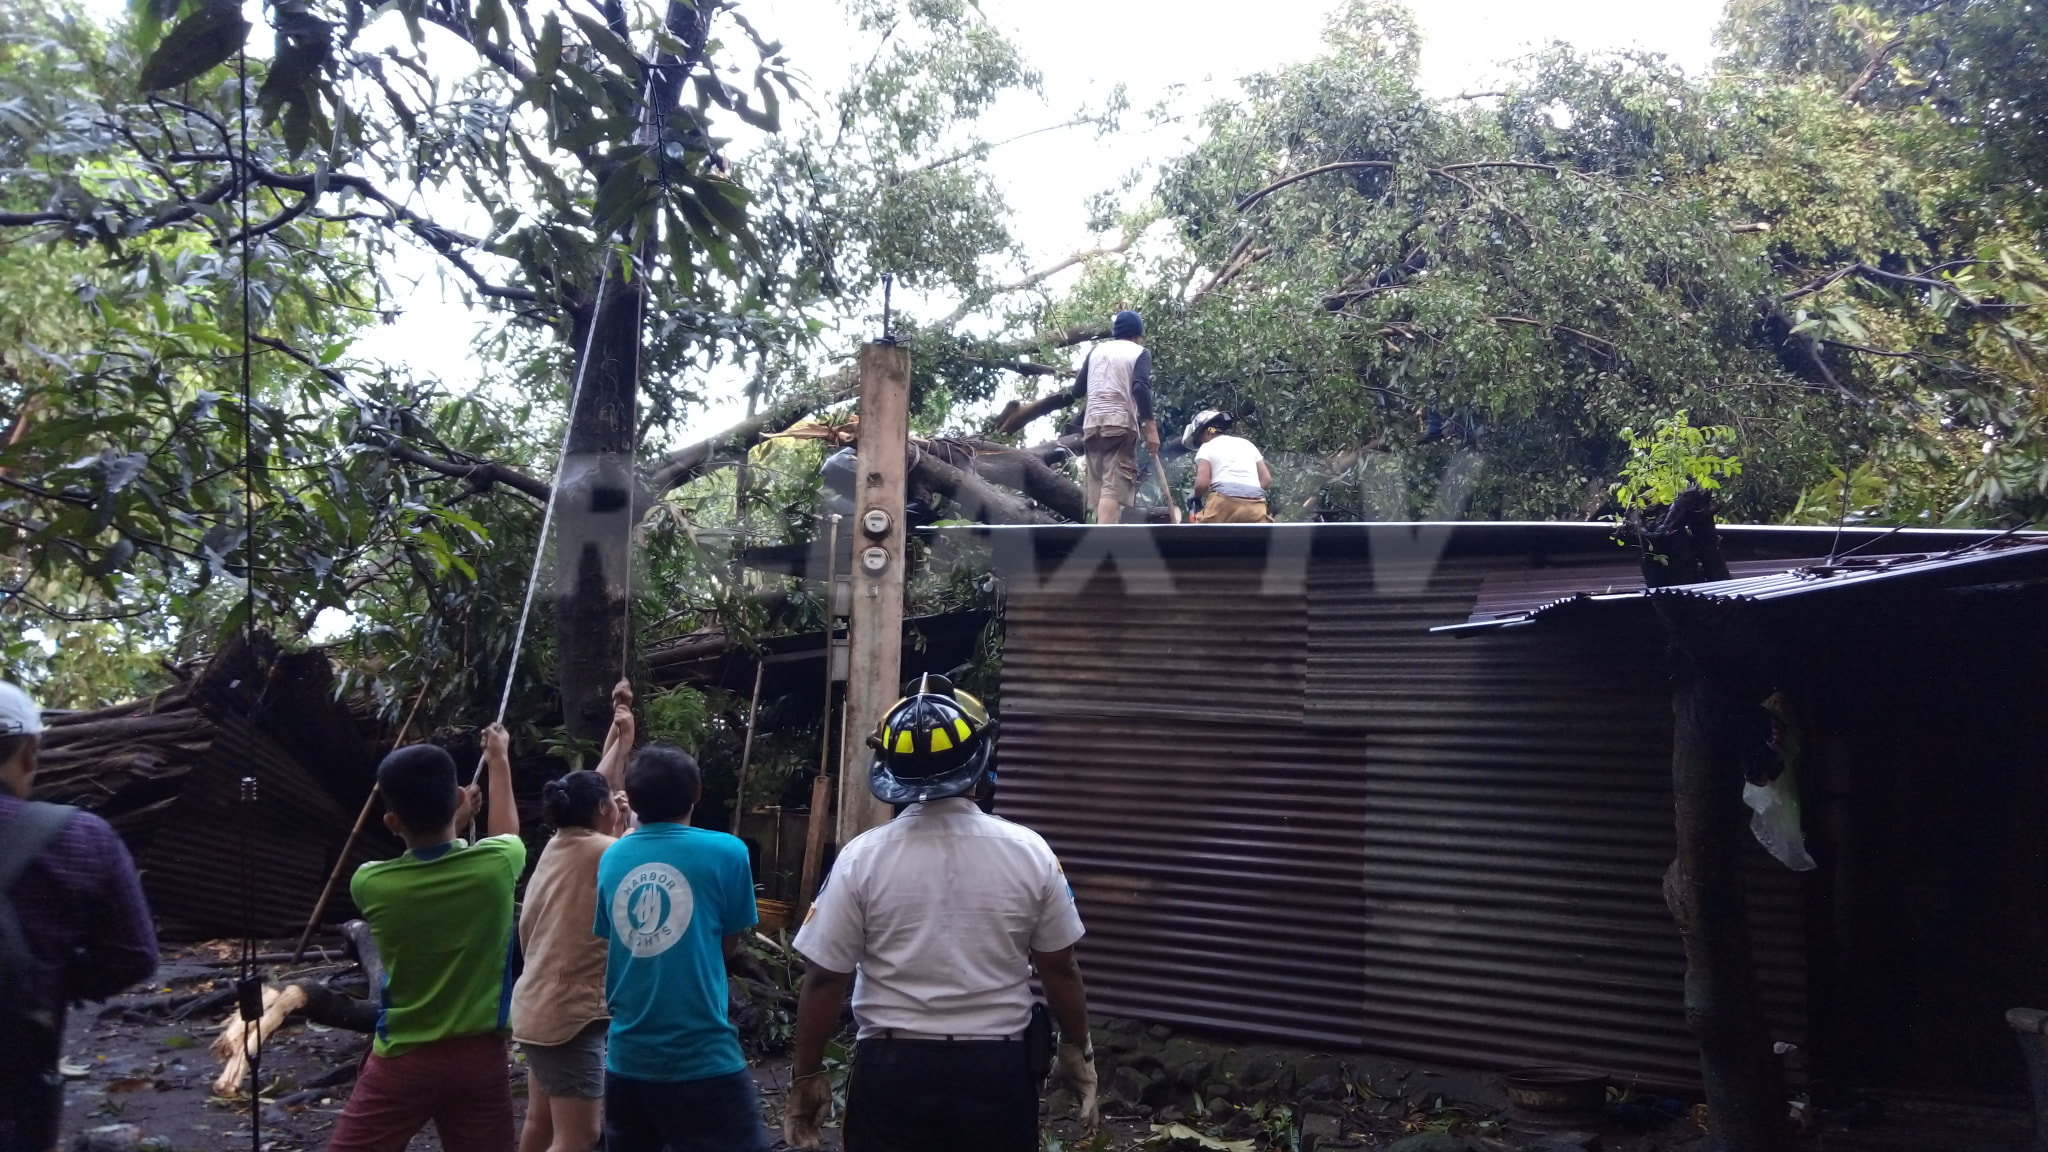 Dos viviendas quedaron dañadas por la caída de dos árboles en Santa Lucía Cotzumalguapa, Escuintla. (Foto: Cristian Soto)